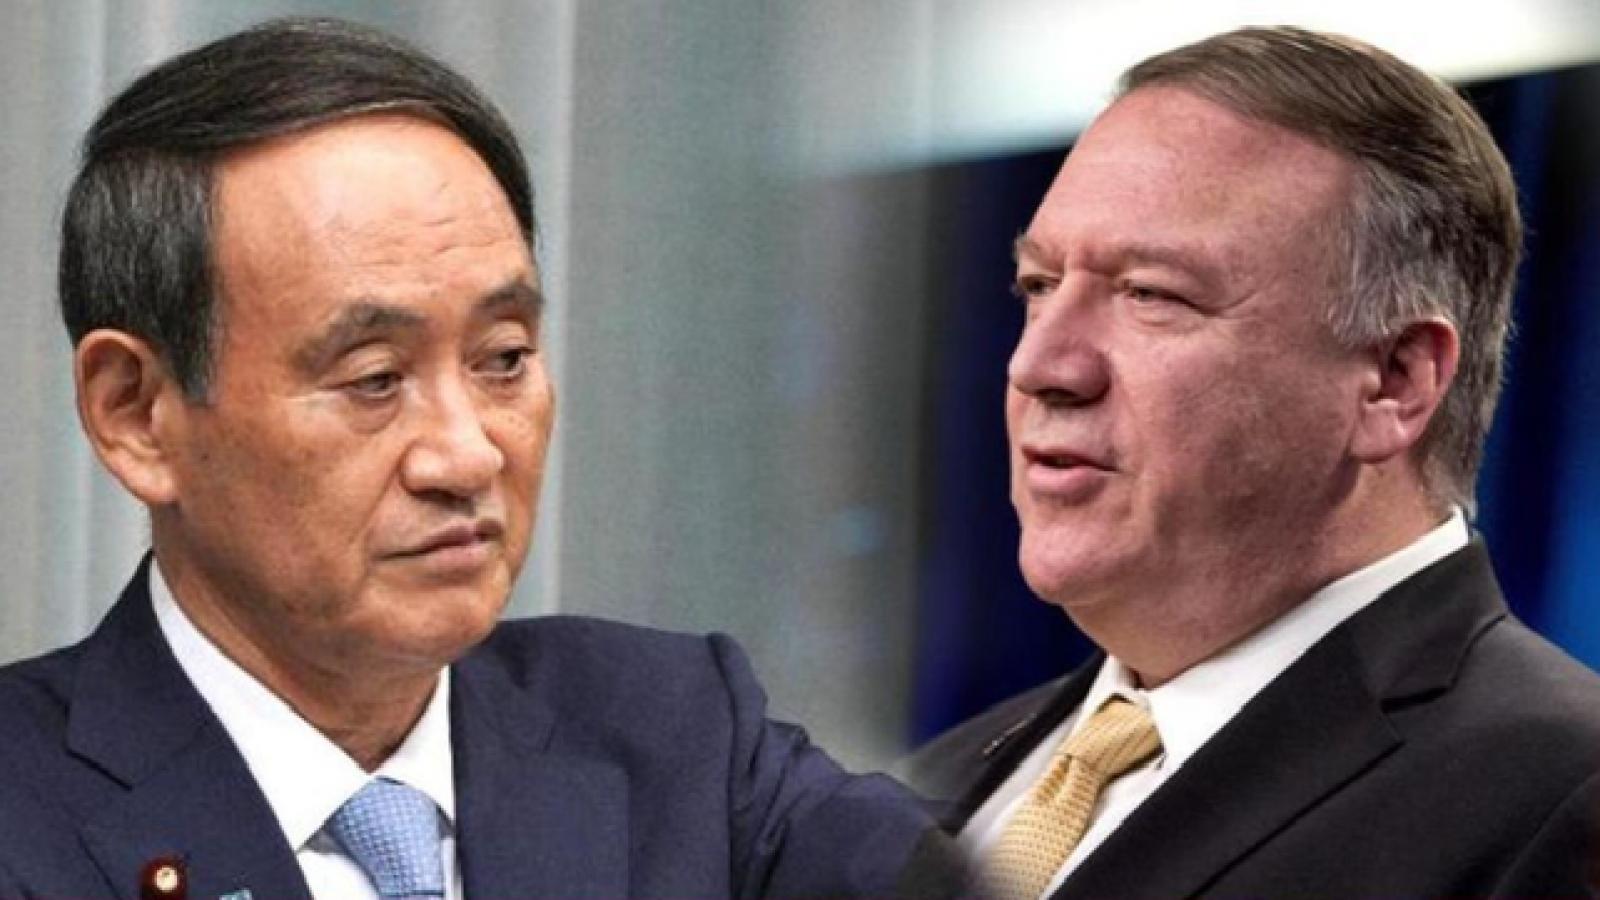 Ngoại trưởng Mỹ thăm Nhật Bản thắt chặtquan hệ đồng minh